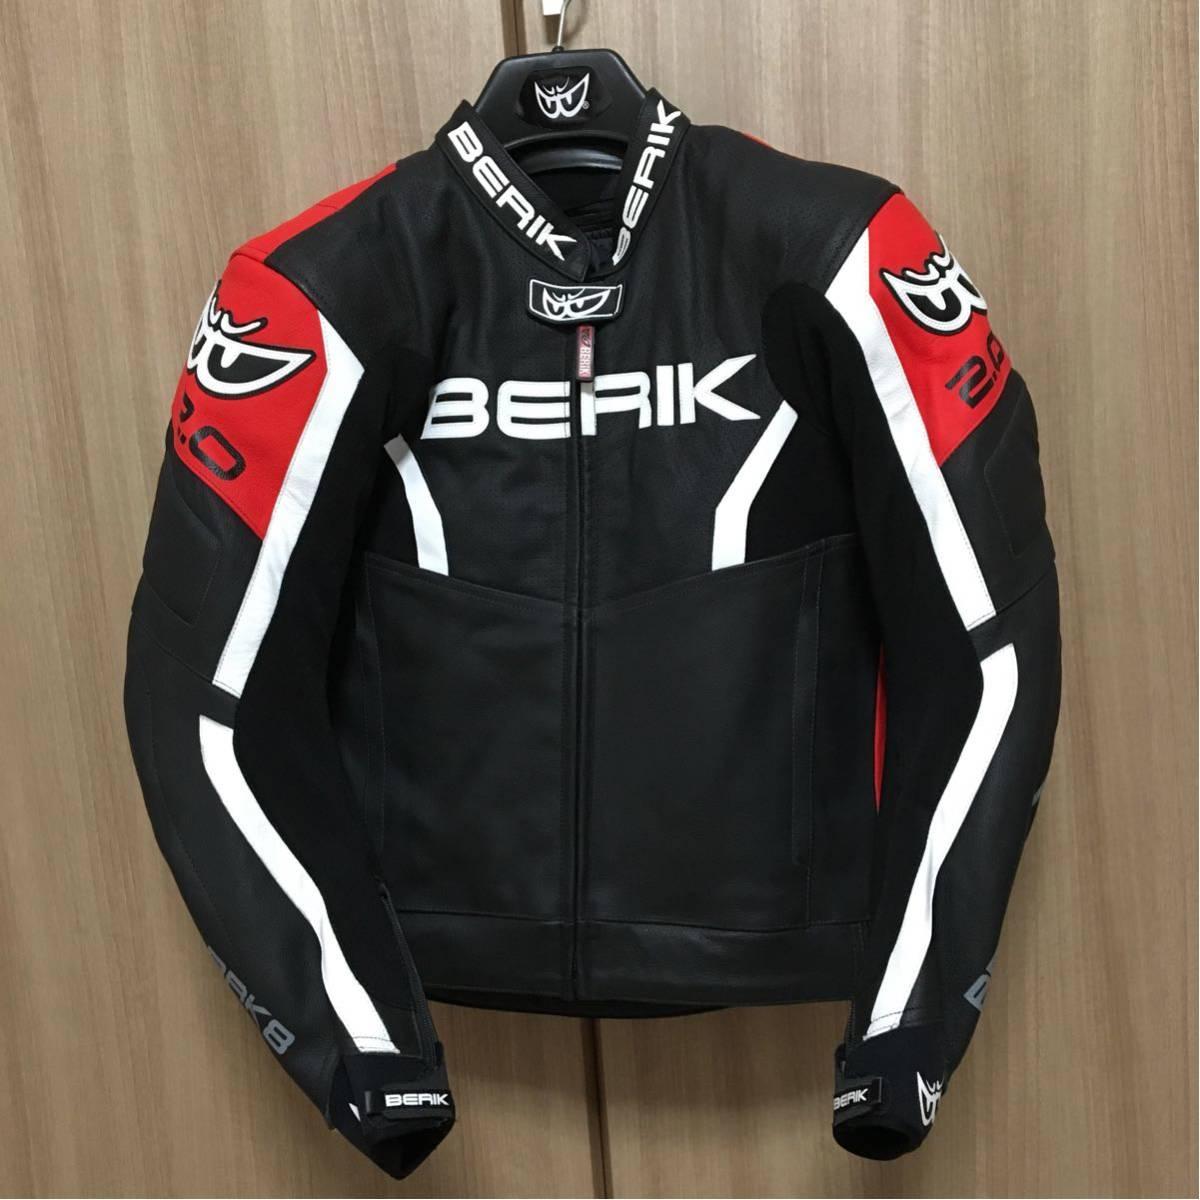 ◆BERIK 2.0【ベリック】◆10546RED 黒赤◆サイズ 52 ◆牛革 レーシングレザージャケット◆プロテクター◆中古美品 最落なし 売切り